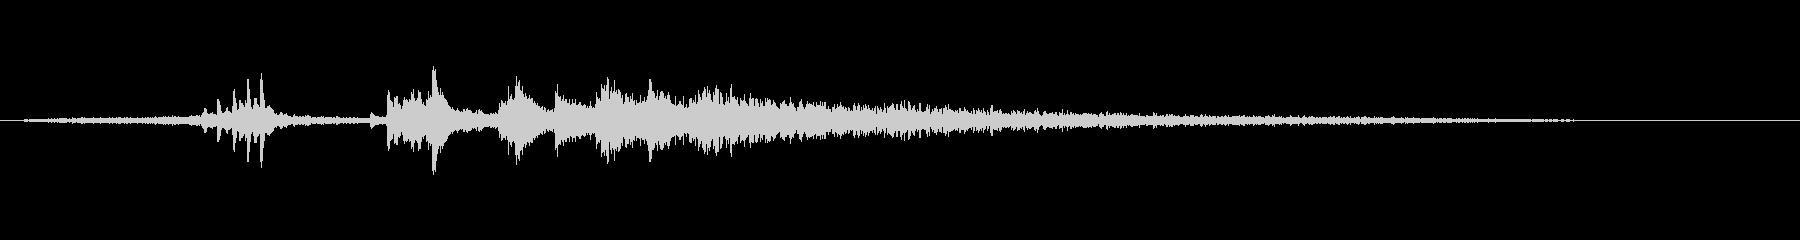 グランドピアノ、ロングテンションア...の未再生の波形